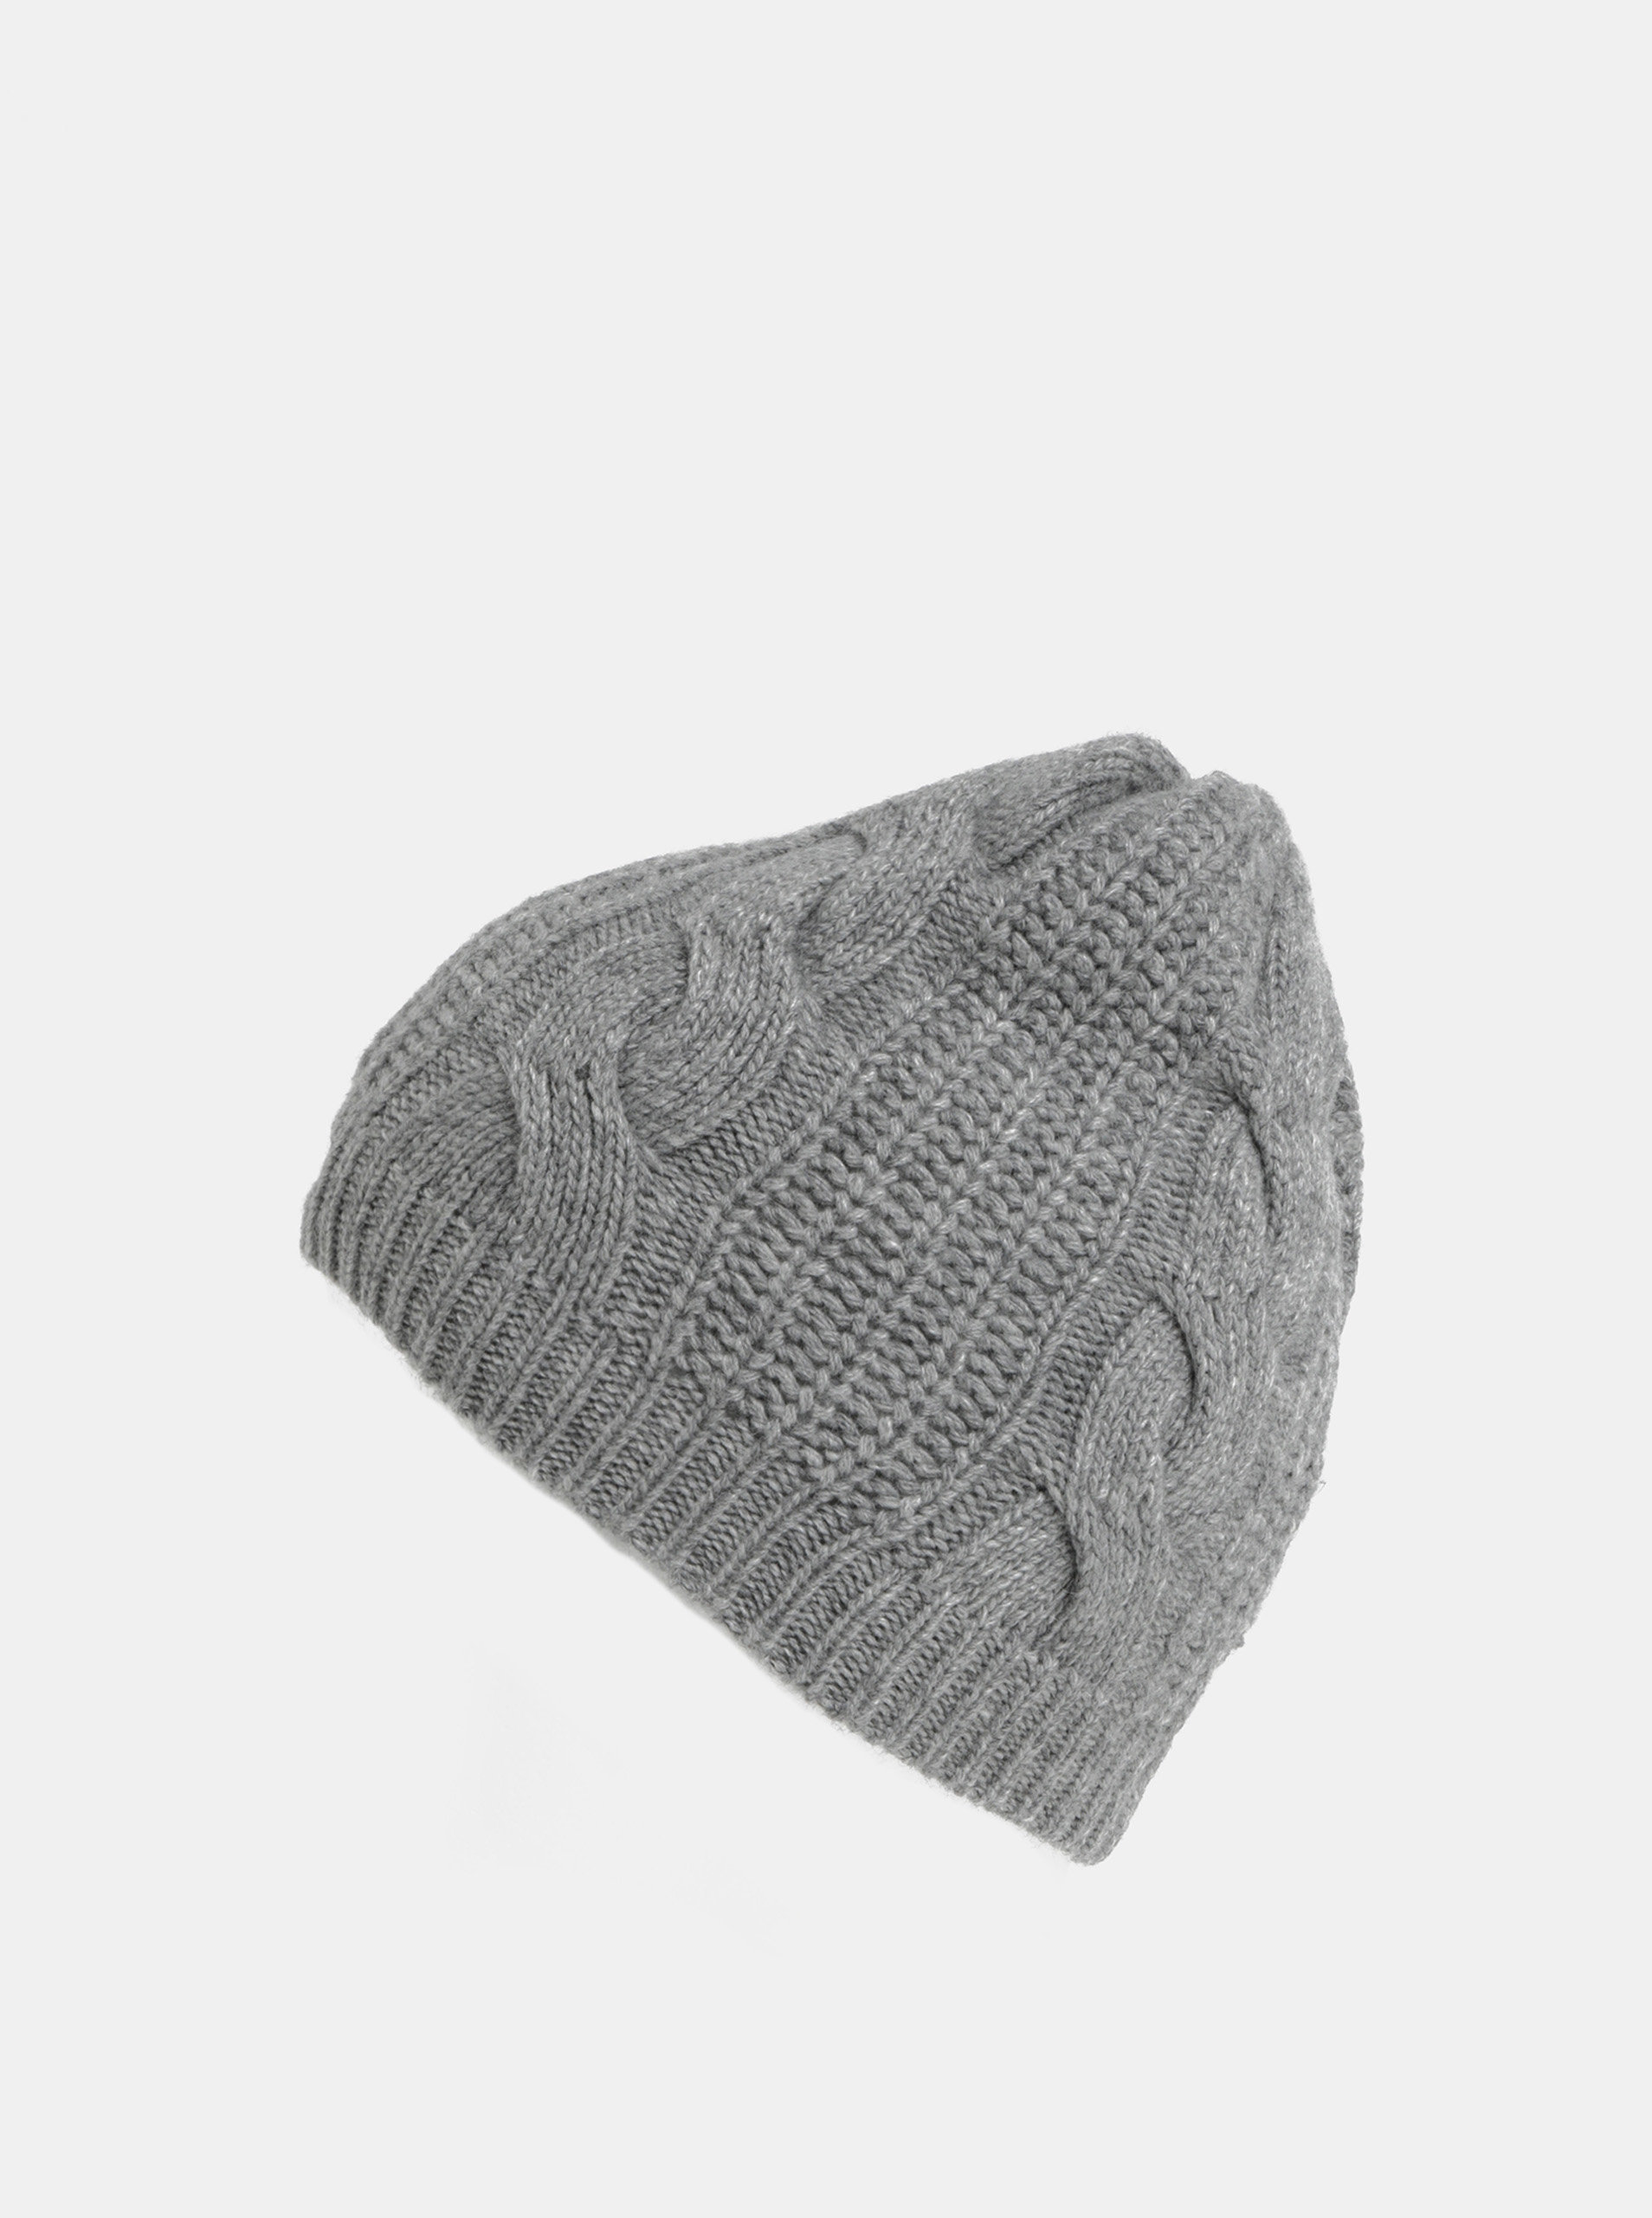 2d66fd705 Sivá dámska čiapka s prímesou vlny Tommy Hilfiger | ZOOT.sk